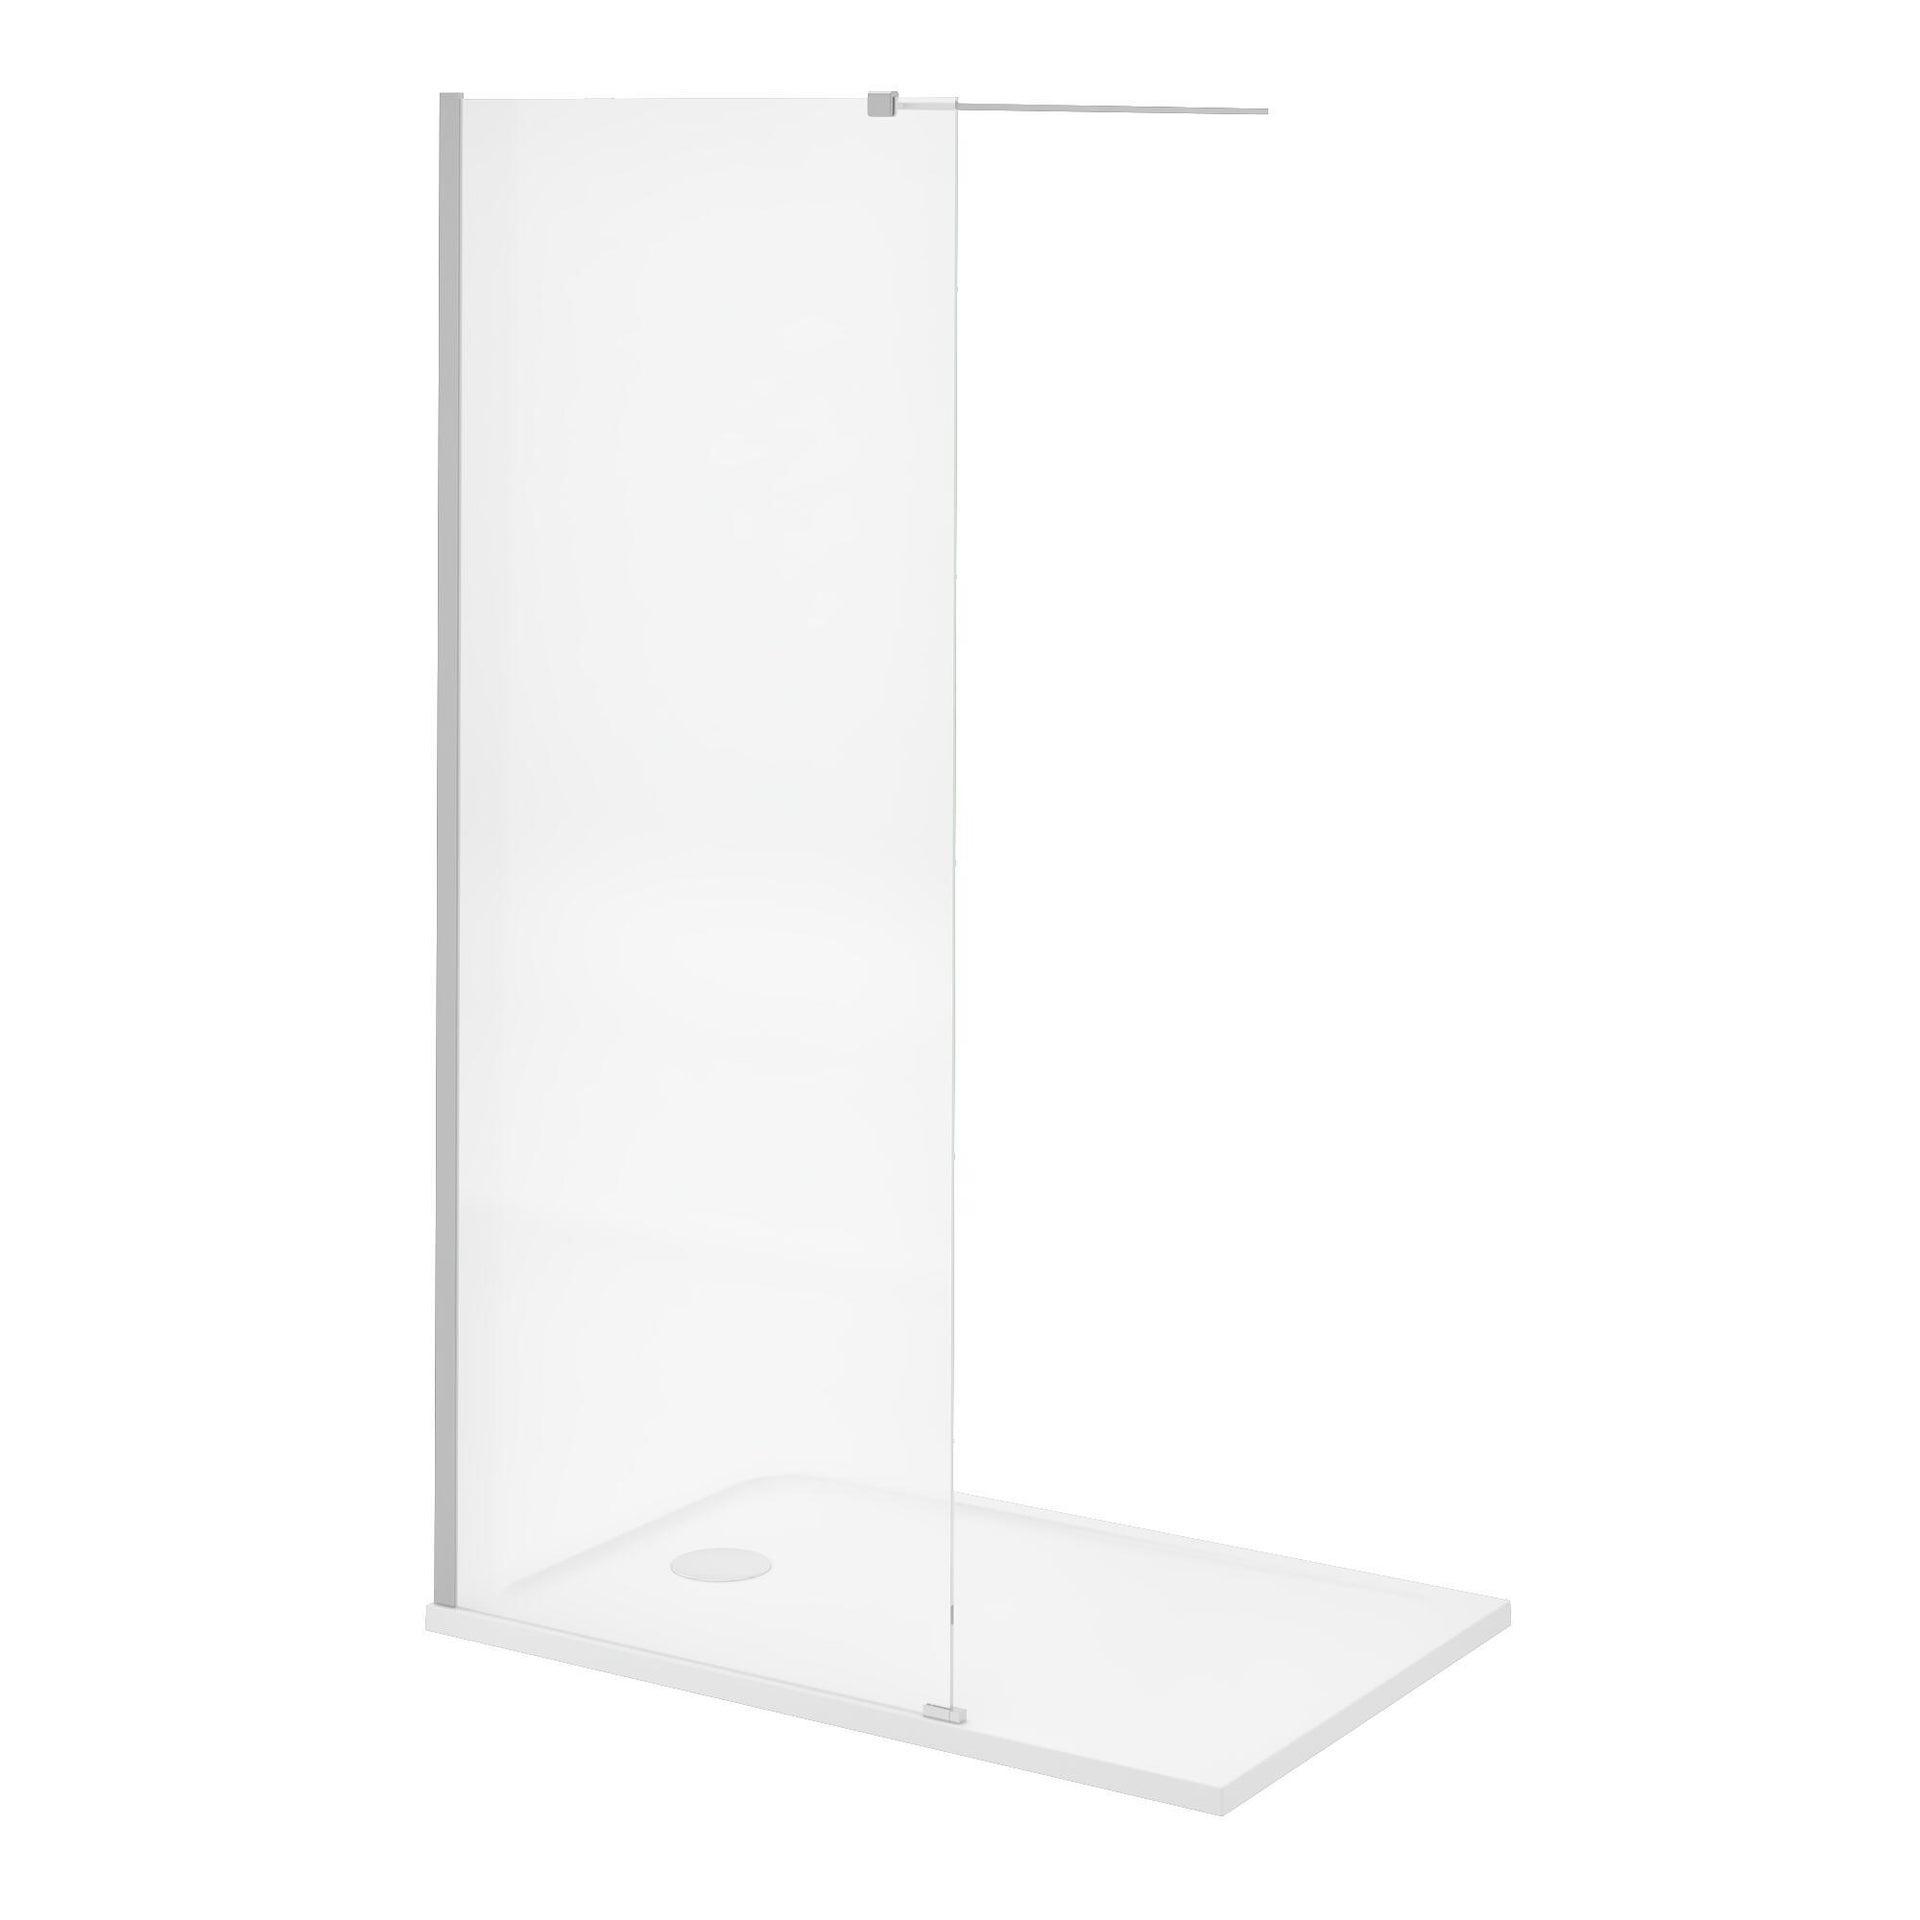 Piatto doccia resina sintetica e polvere di marmo Easy 80 x 120 cm bianco - 19